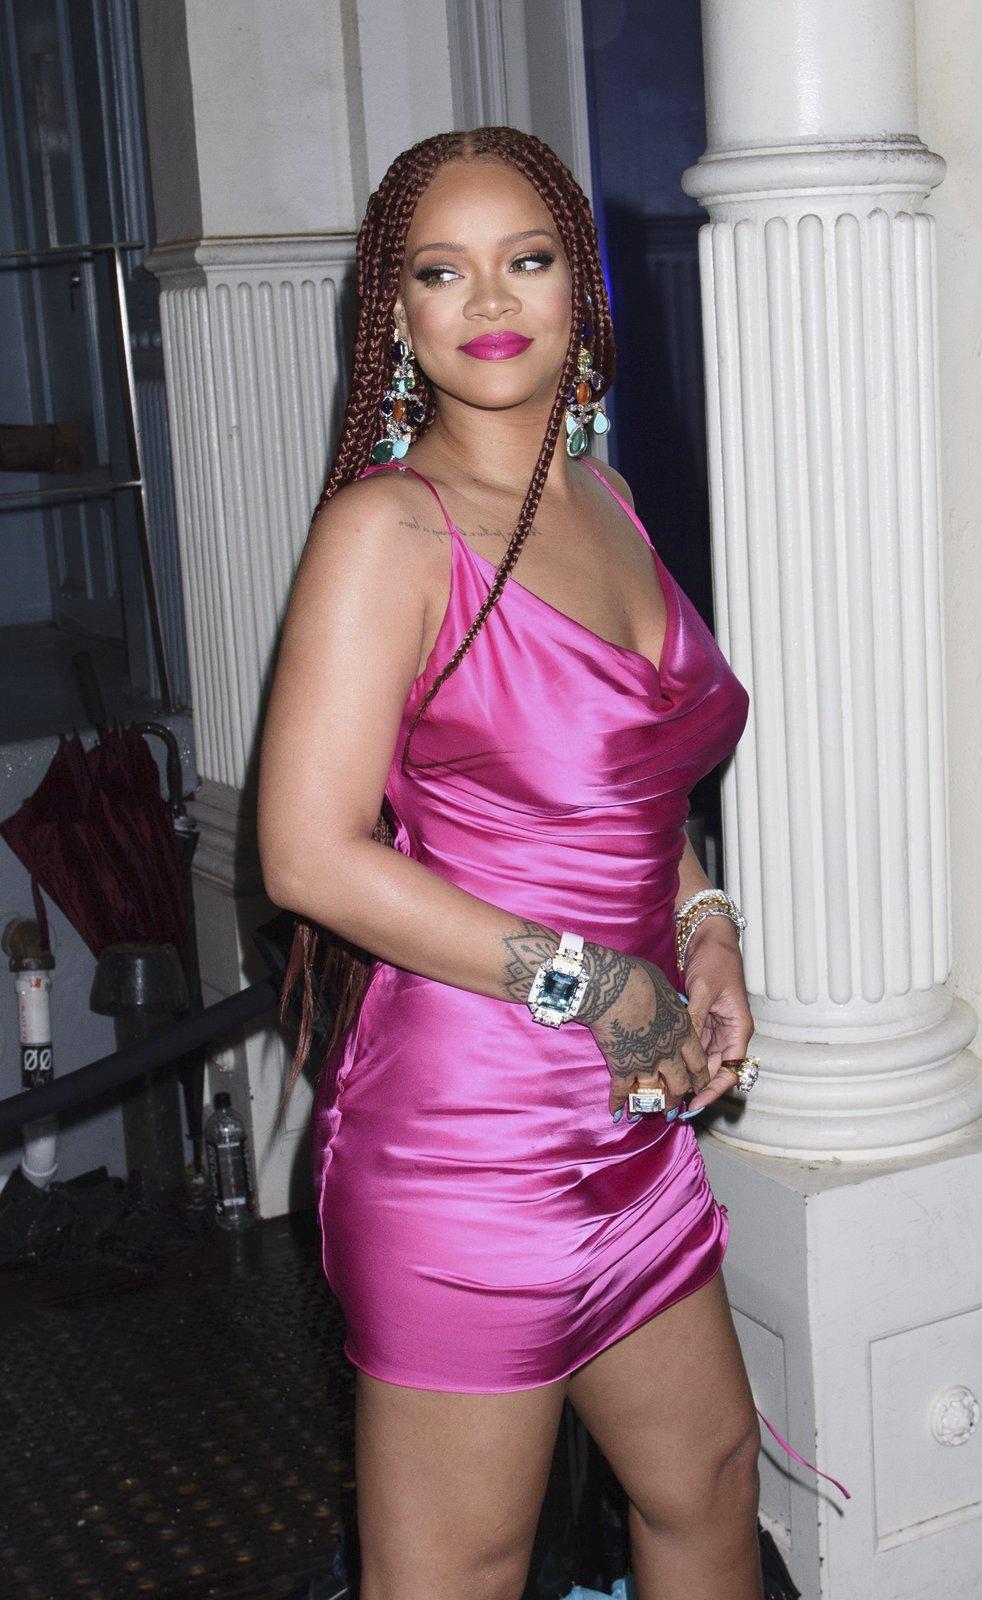 Zpěvačka se do Londýna přestěhovala za přítelem, saúdskoarabským obchodníkem Hassanem Jameelem.